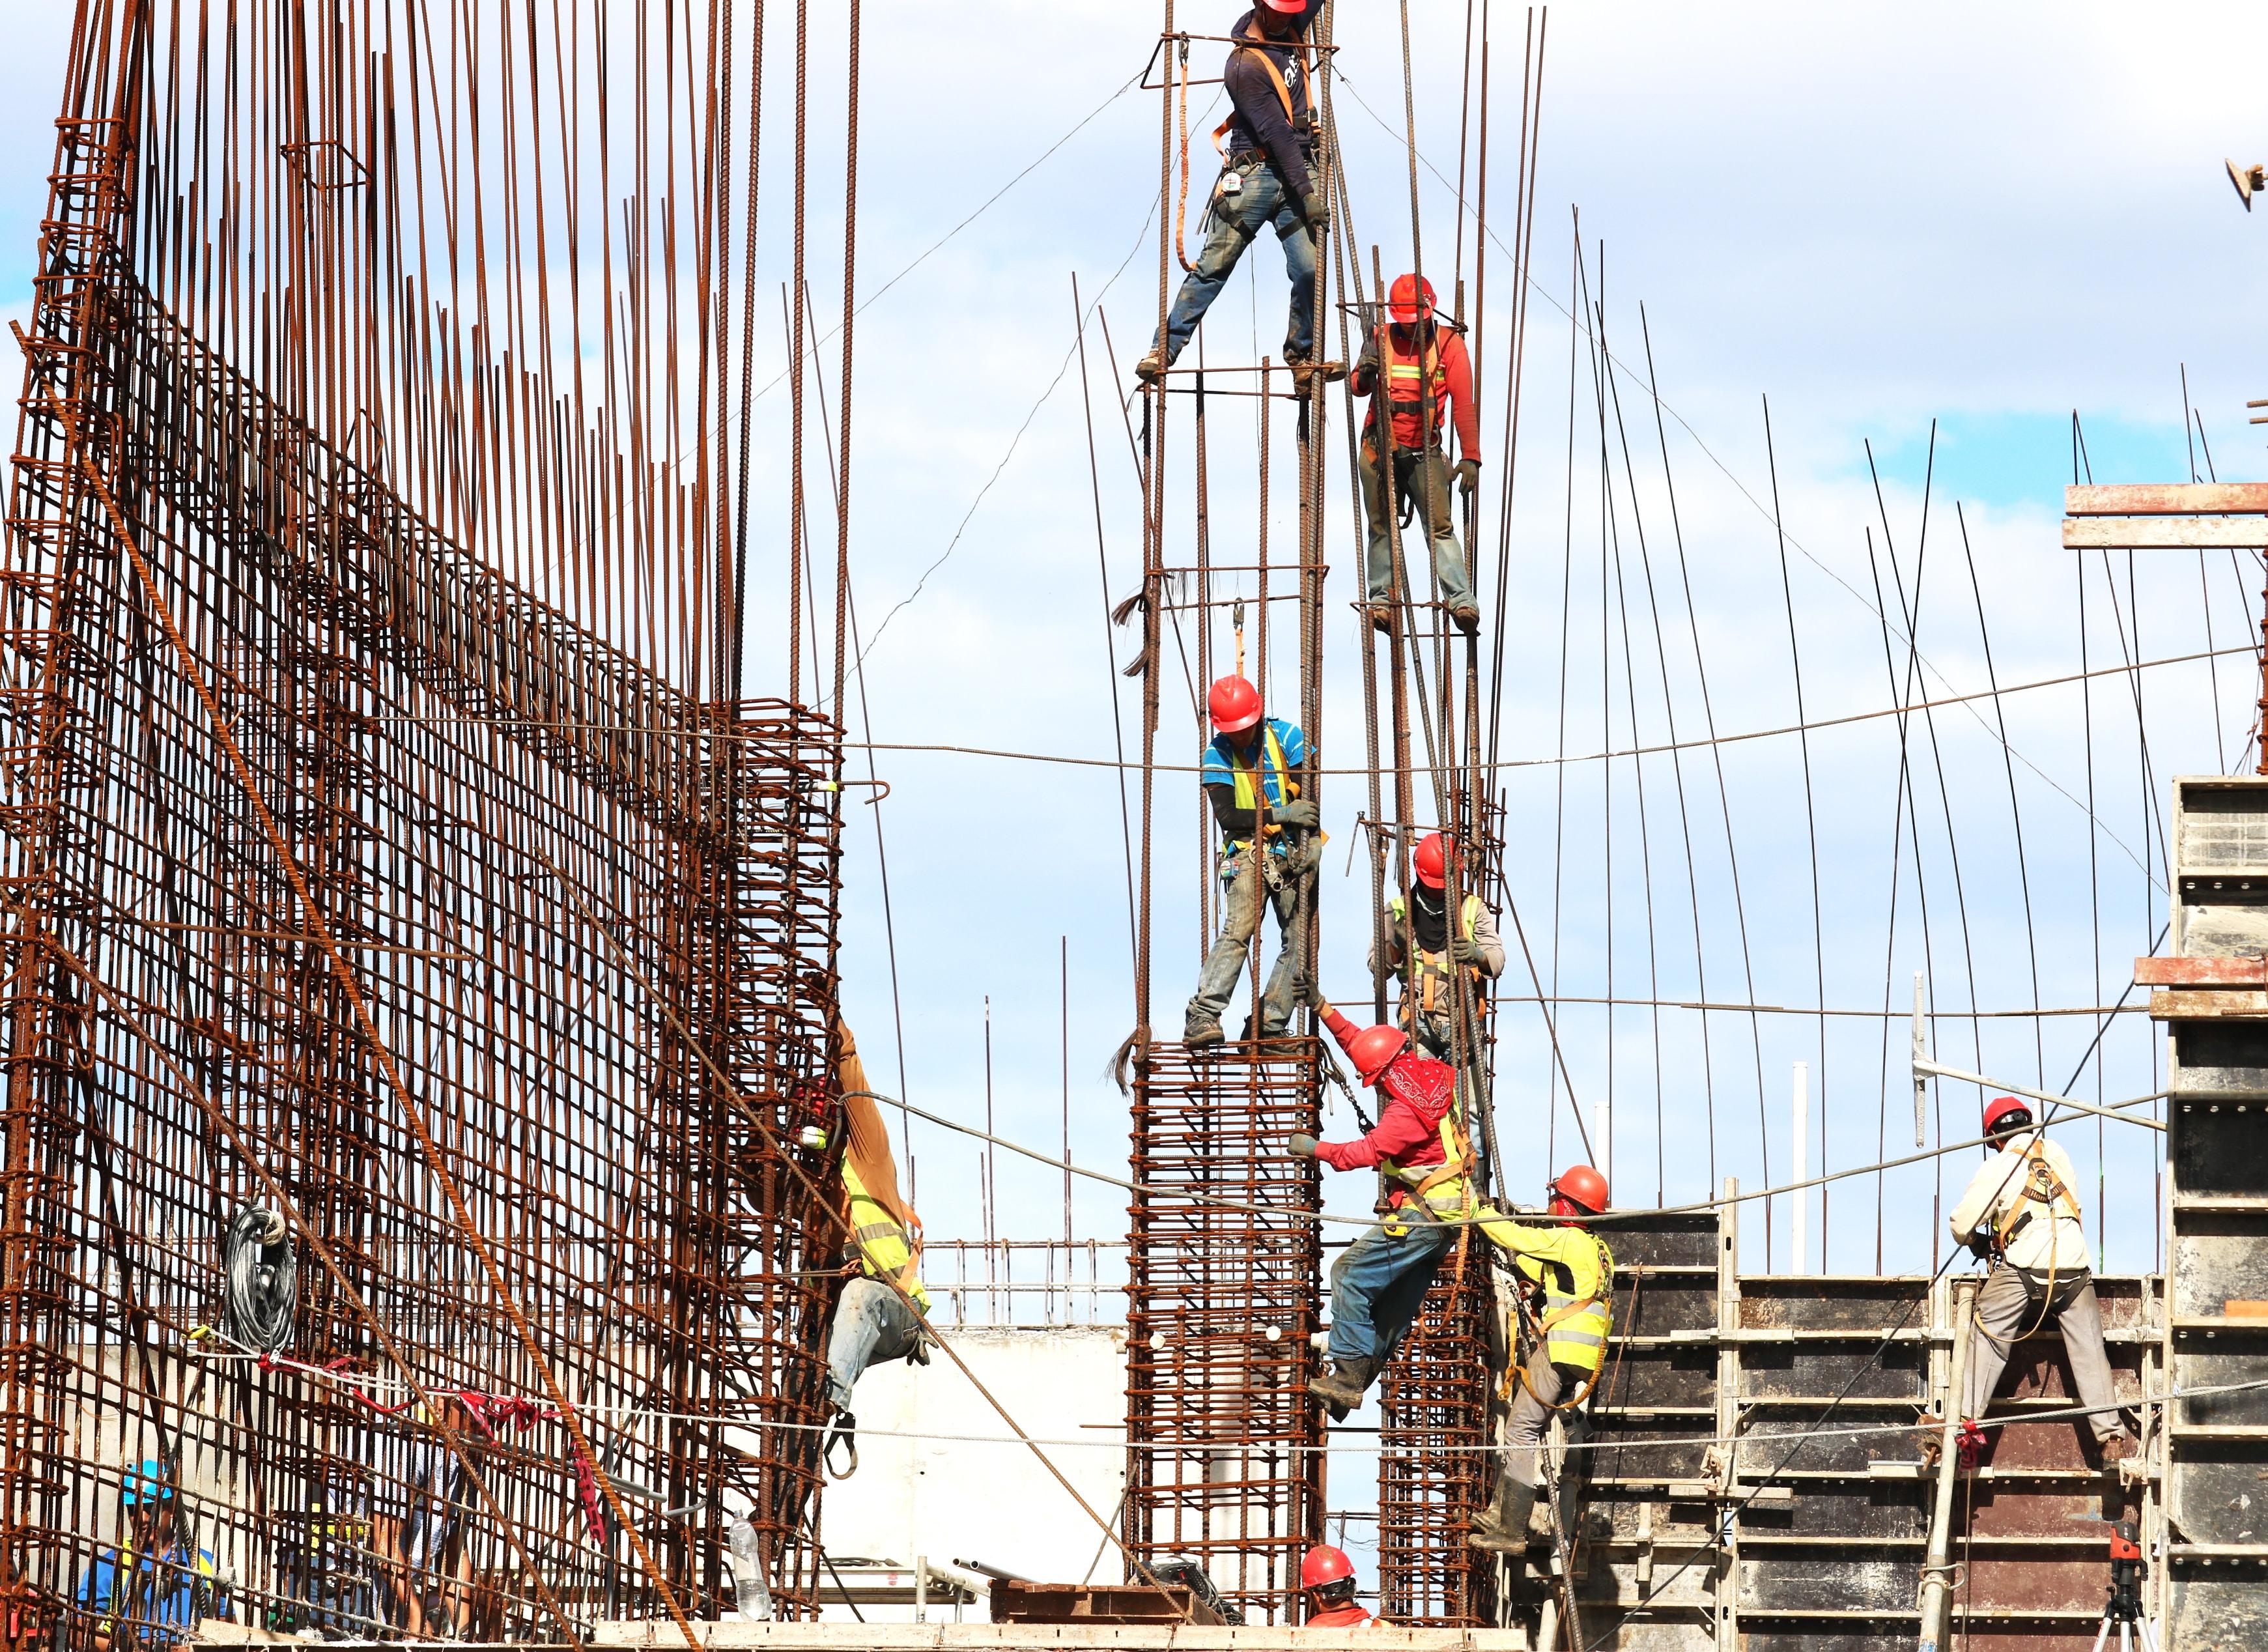 ouvriers du bâtiment en train de faire un montage avec des tiges de fer